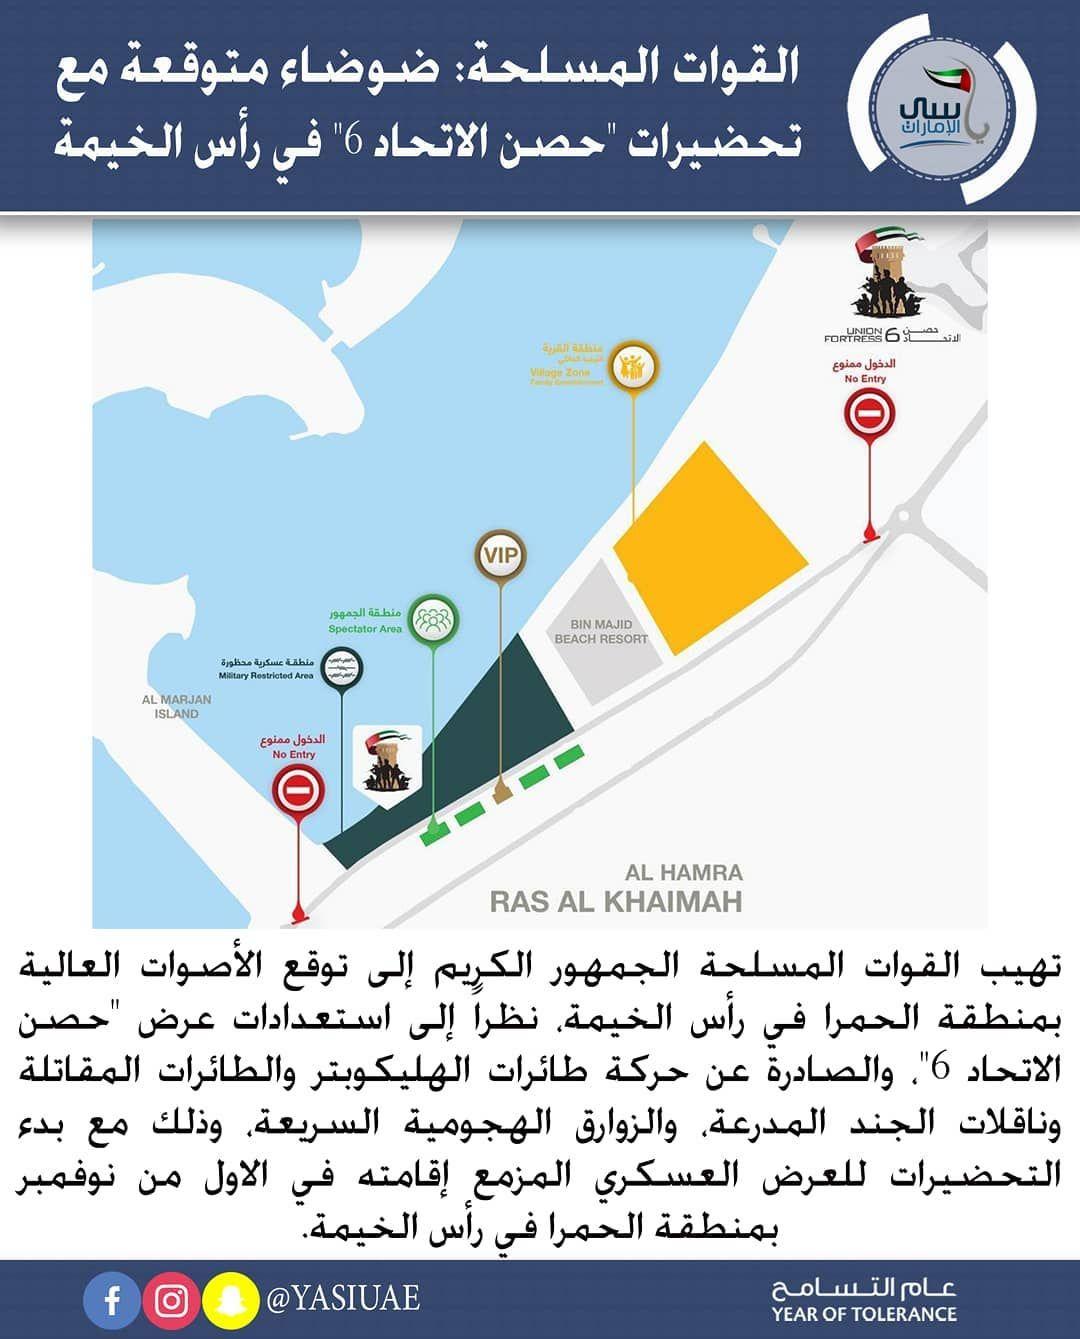 القوات المسلحة ضوضاء متوقعة مع تحضيرات حصن الاتحاد 6 في رأس الخيمة ياسي الامارات In 2020